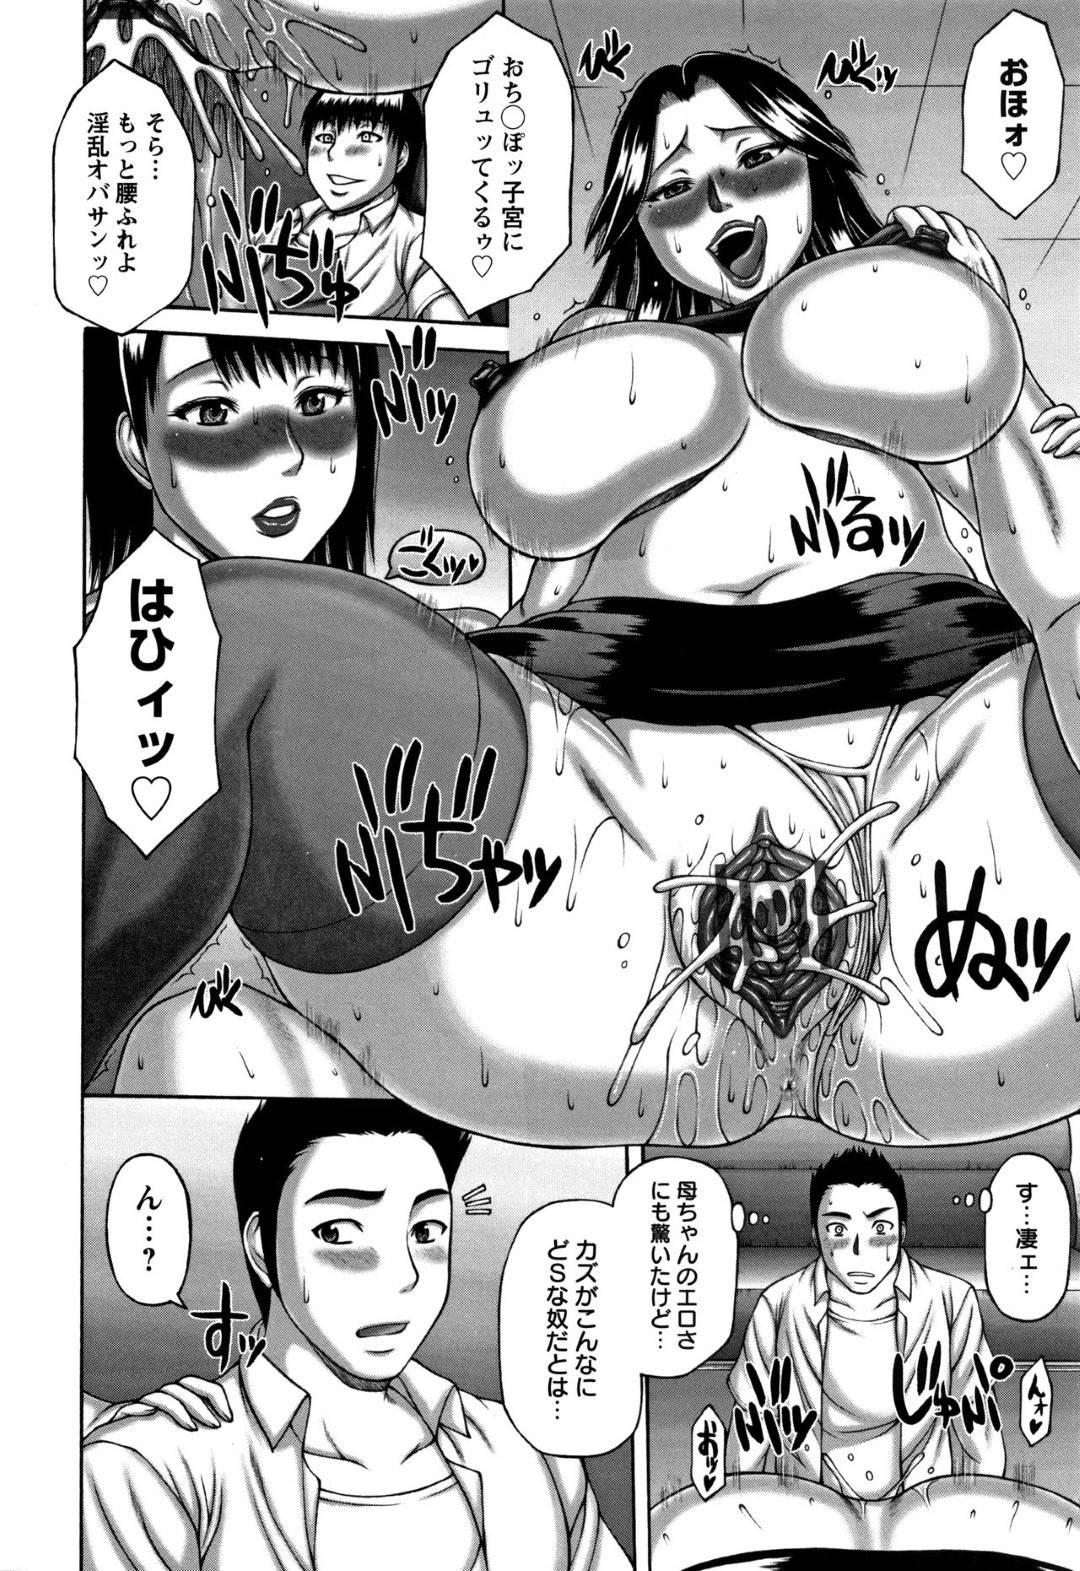 【エロ漫画】「おほォおッ」と言えば、汁ダク大王榊歌丸!いよっ歌さん!息子の友達とセックス、そして息子は友達の母親とセックス。スワッピング射精天国大爆発!